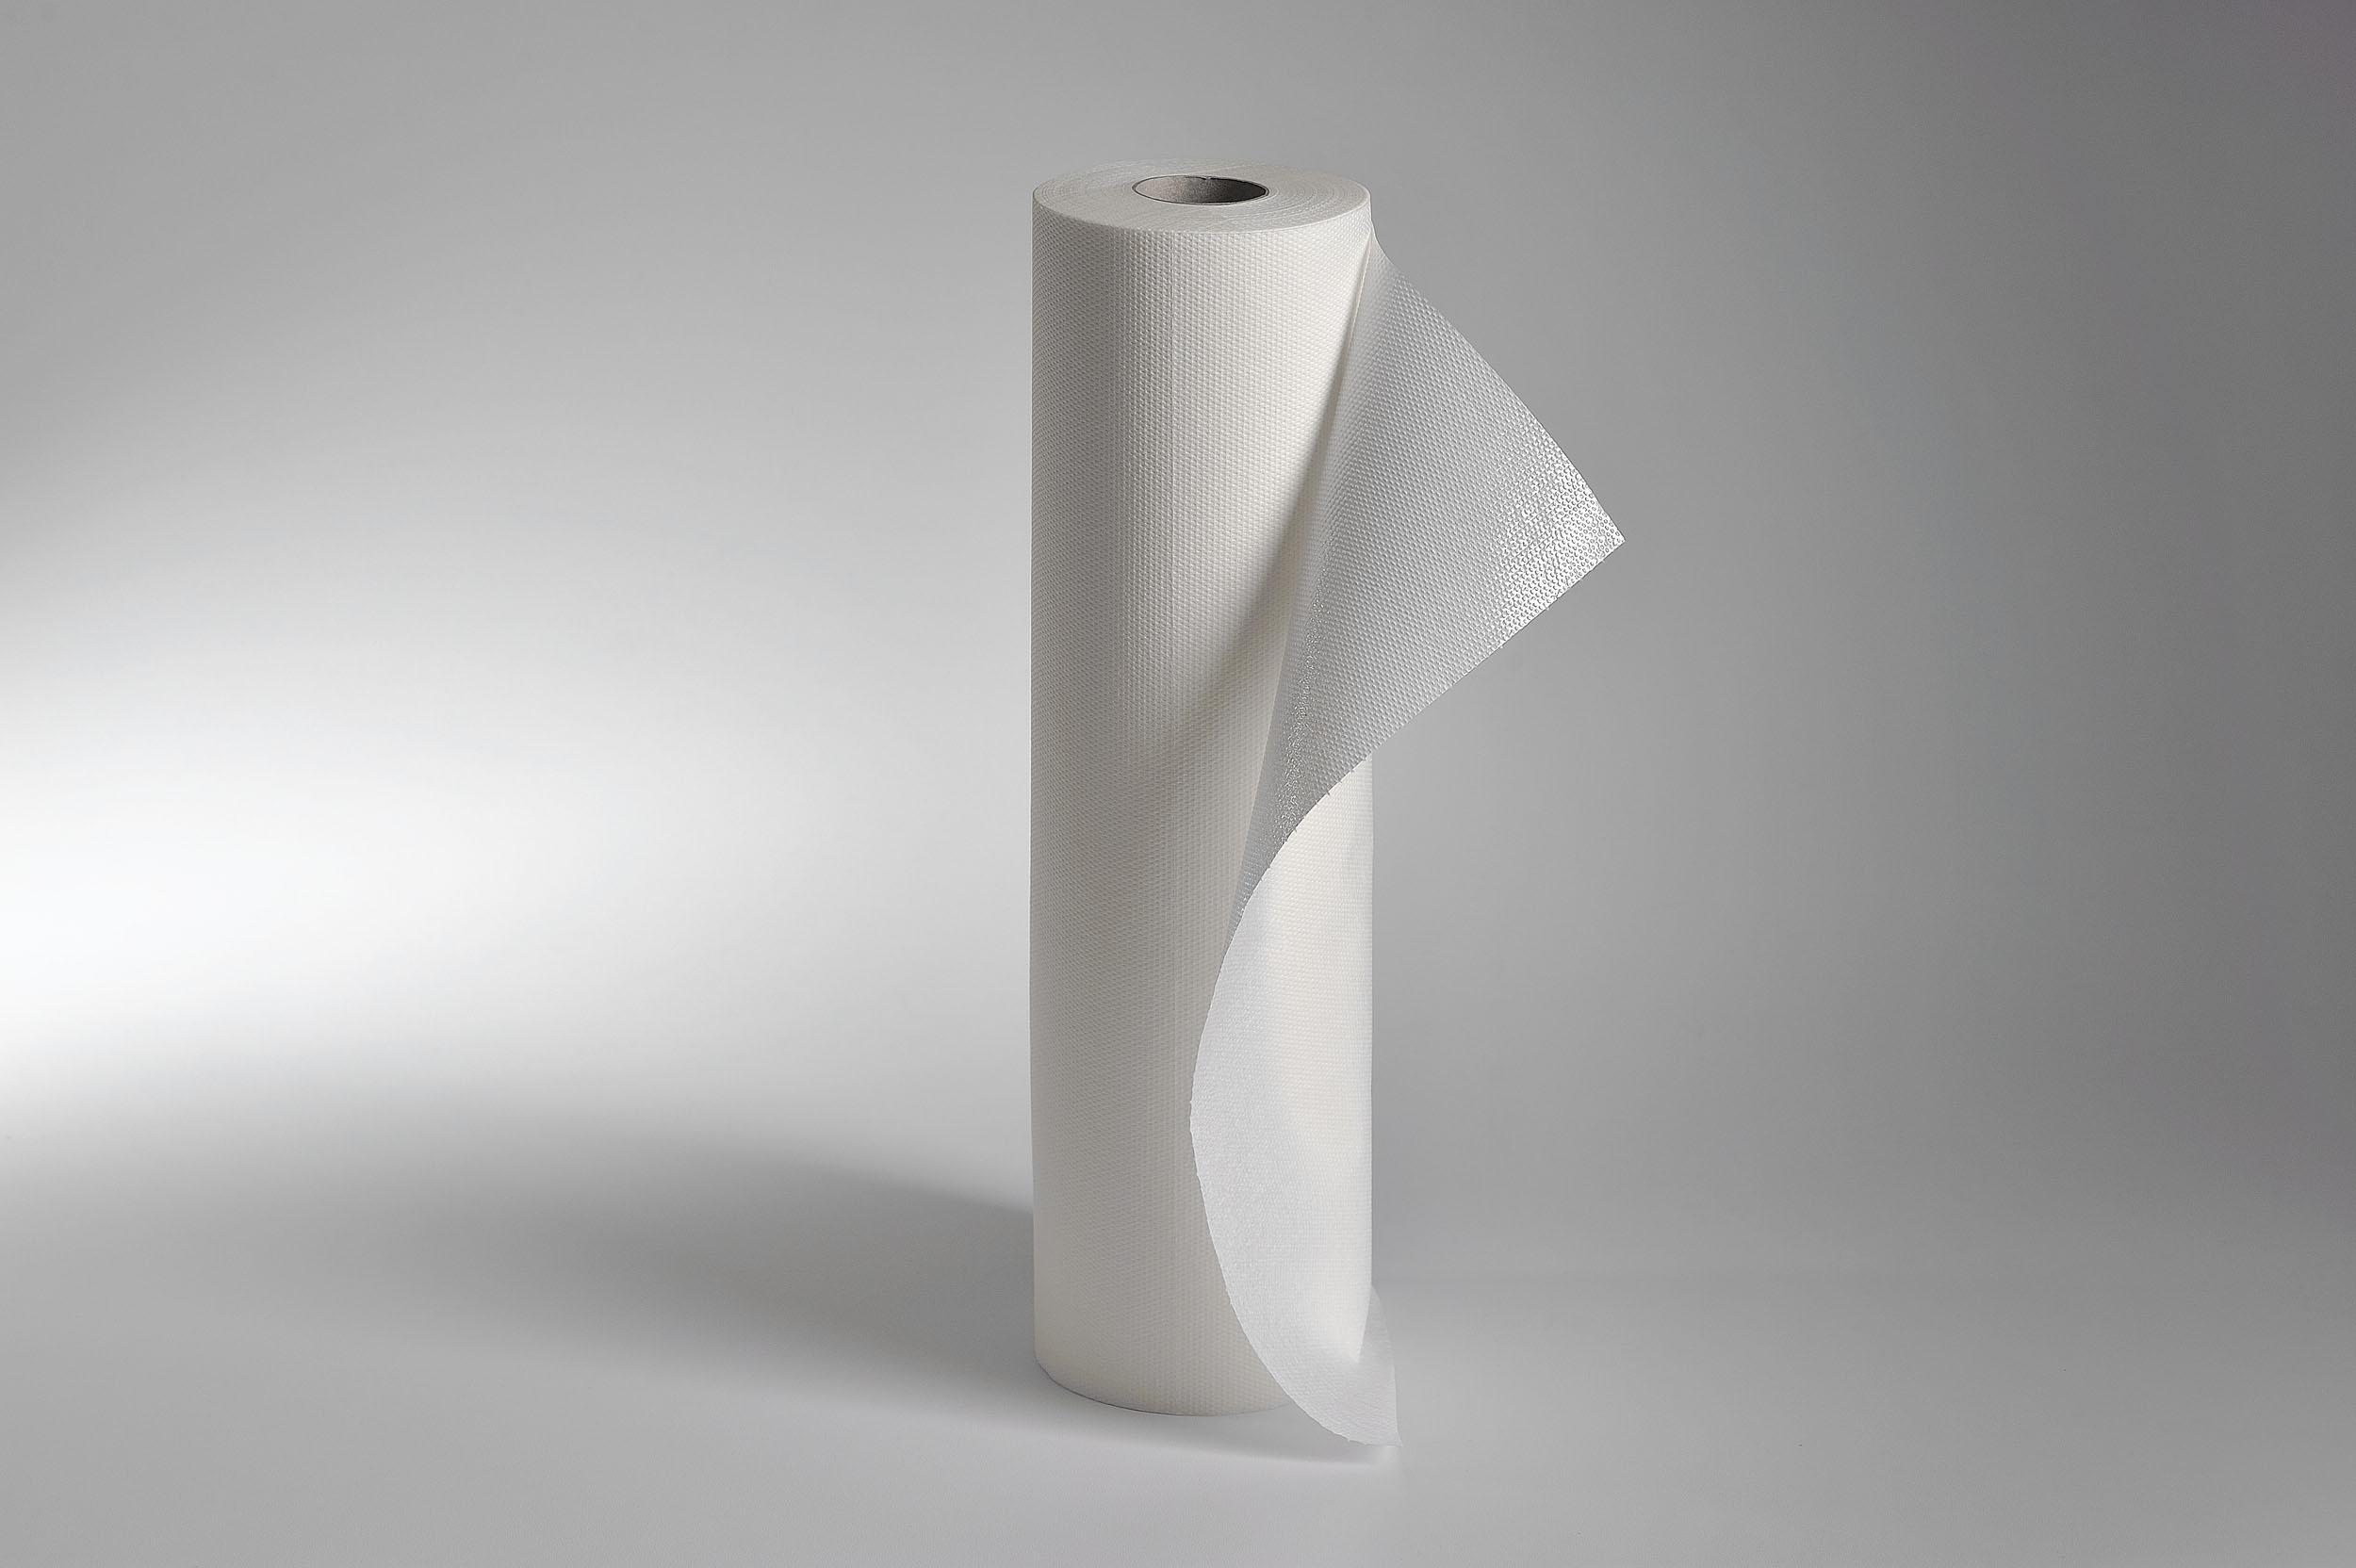 Fripa-Ärztekrepp secura-line, 2-lagig 50 cm x 50 m (6 Rl.), hochweiß, PE-beschichtet